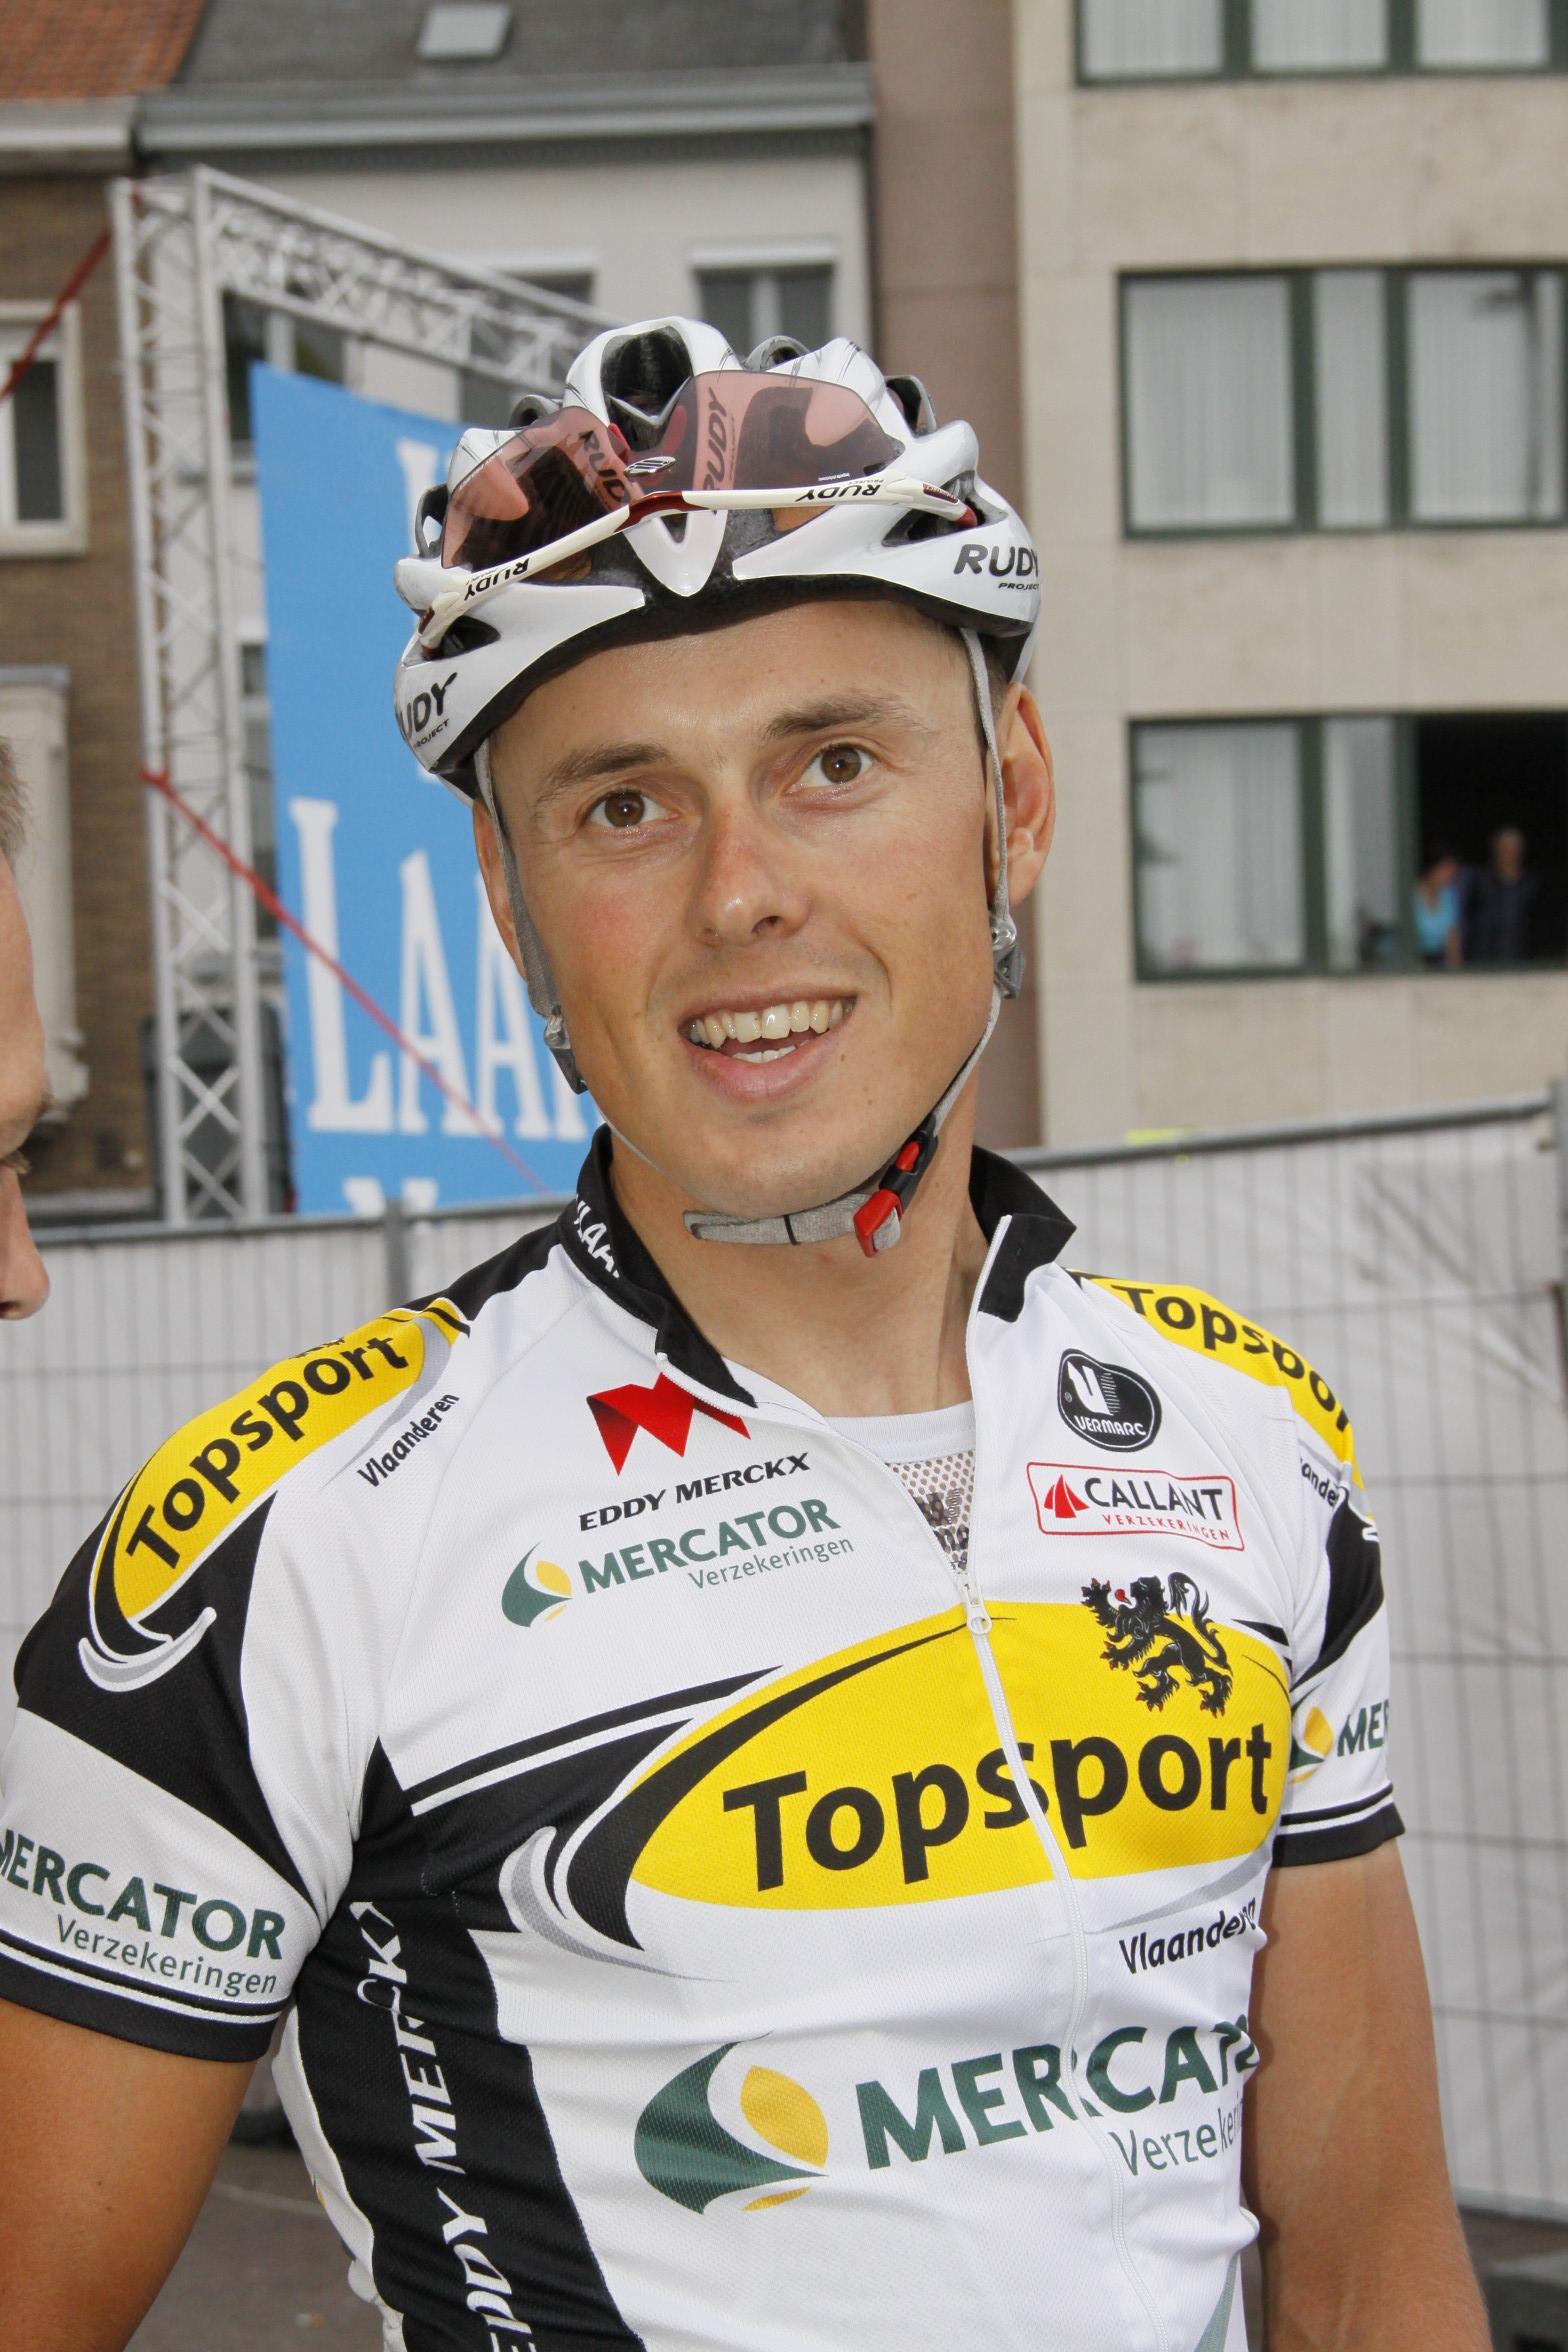 90 Topsport Vlaanderen